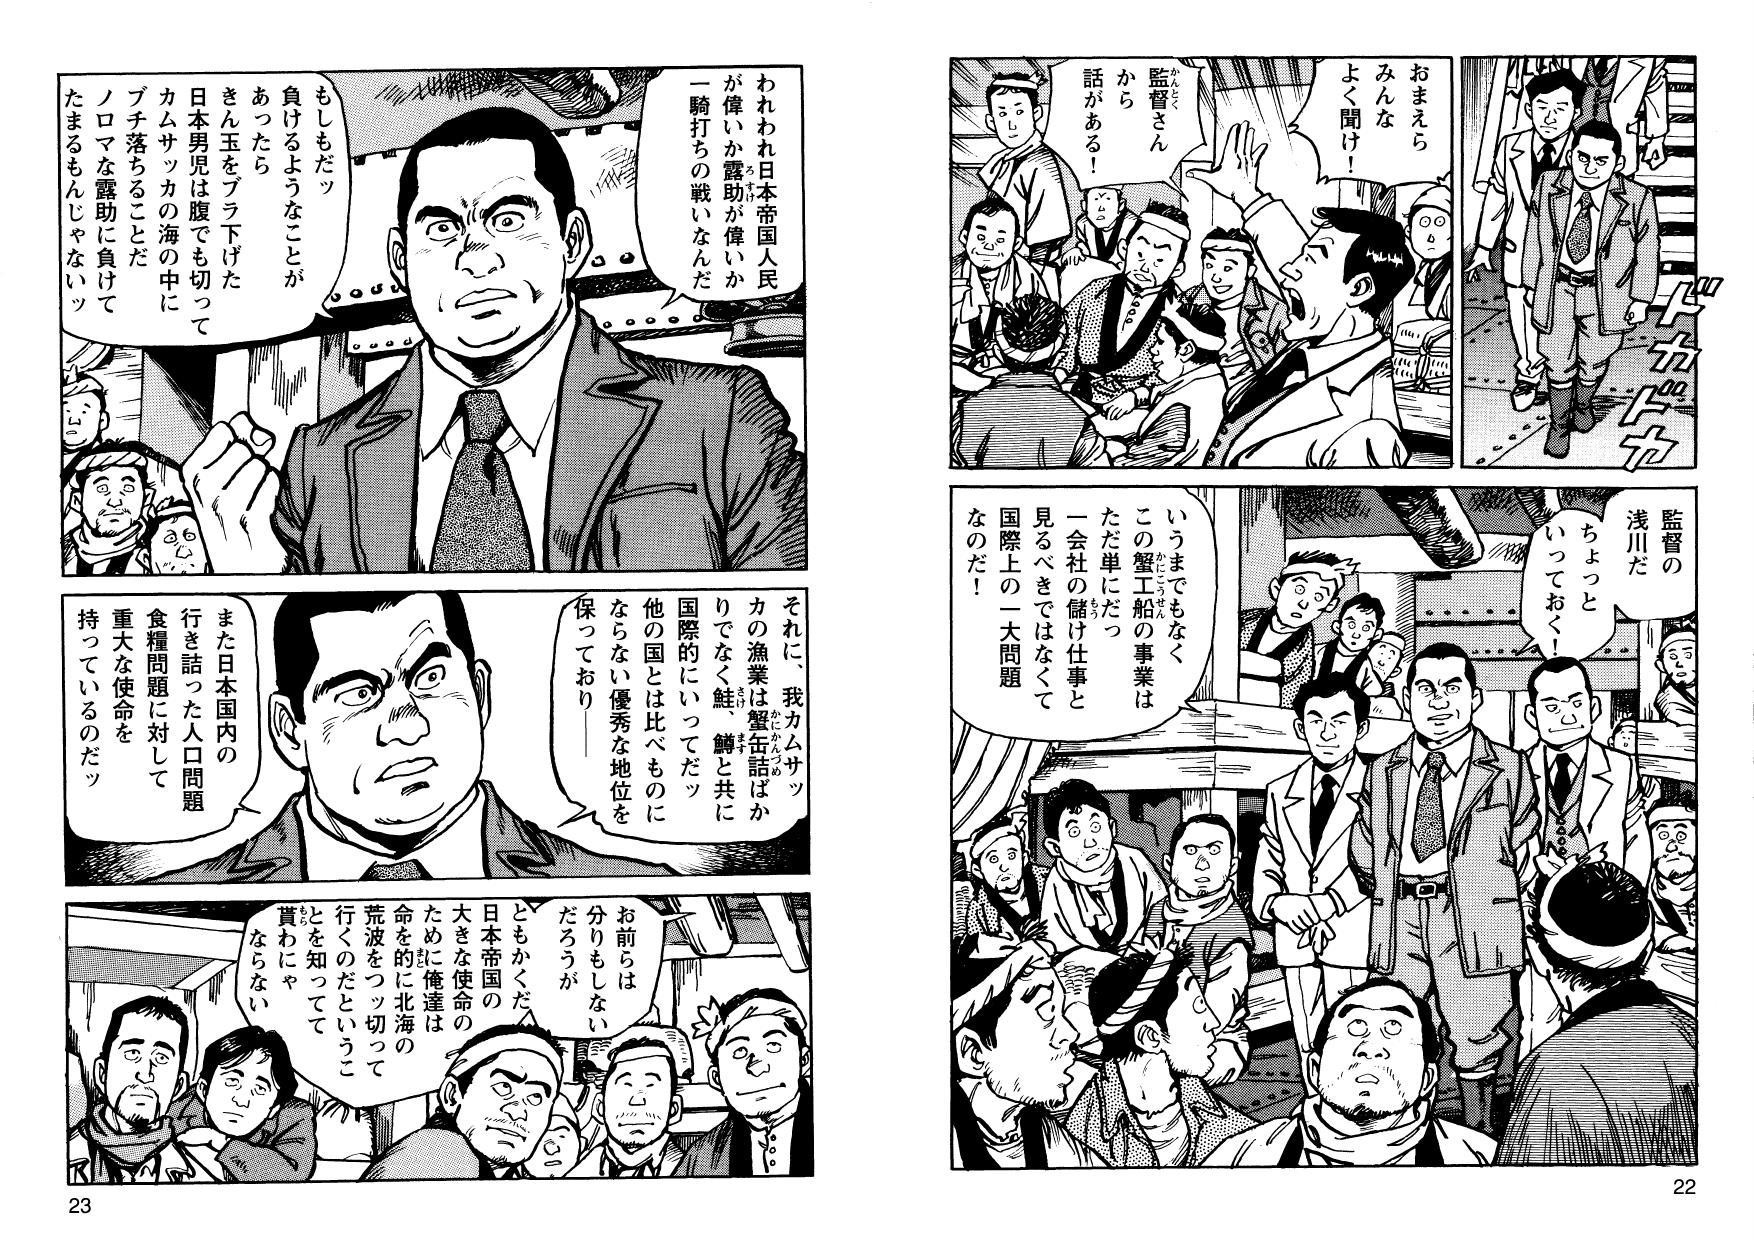 kani_cmc_000012.jpg